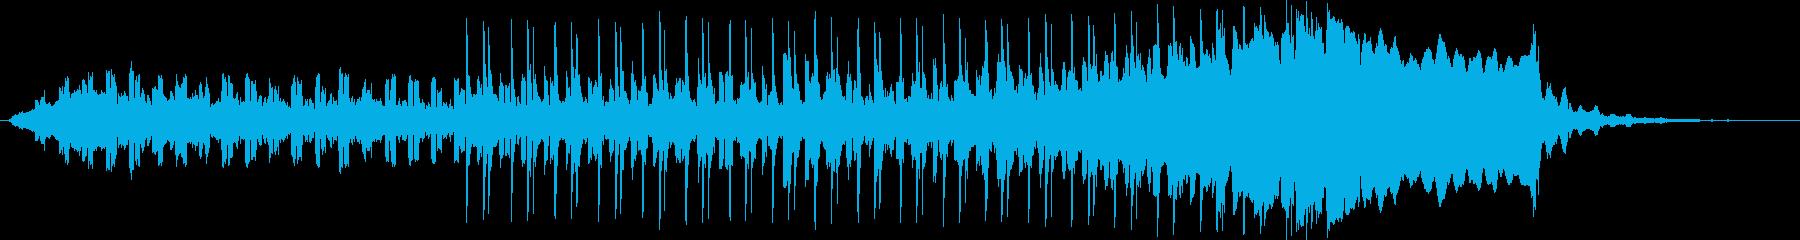 ユニークで催眠的な楽器。スペーシー...の再生済みの波形